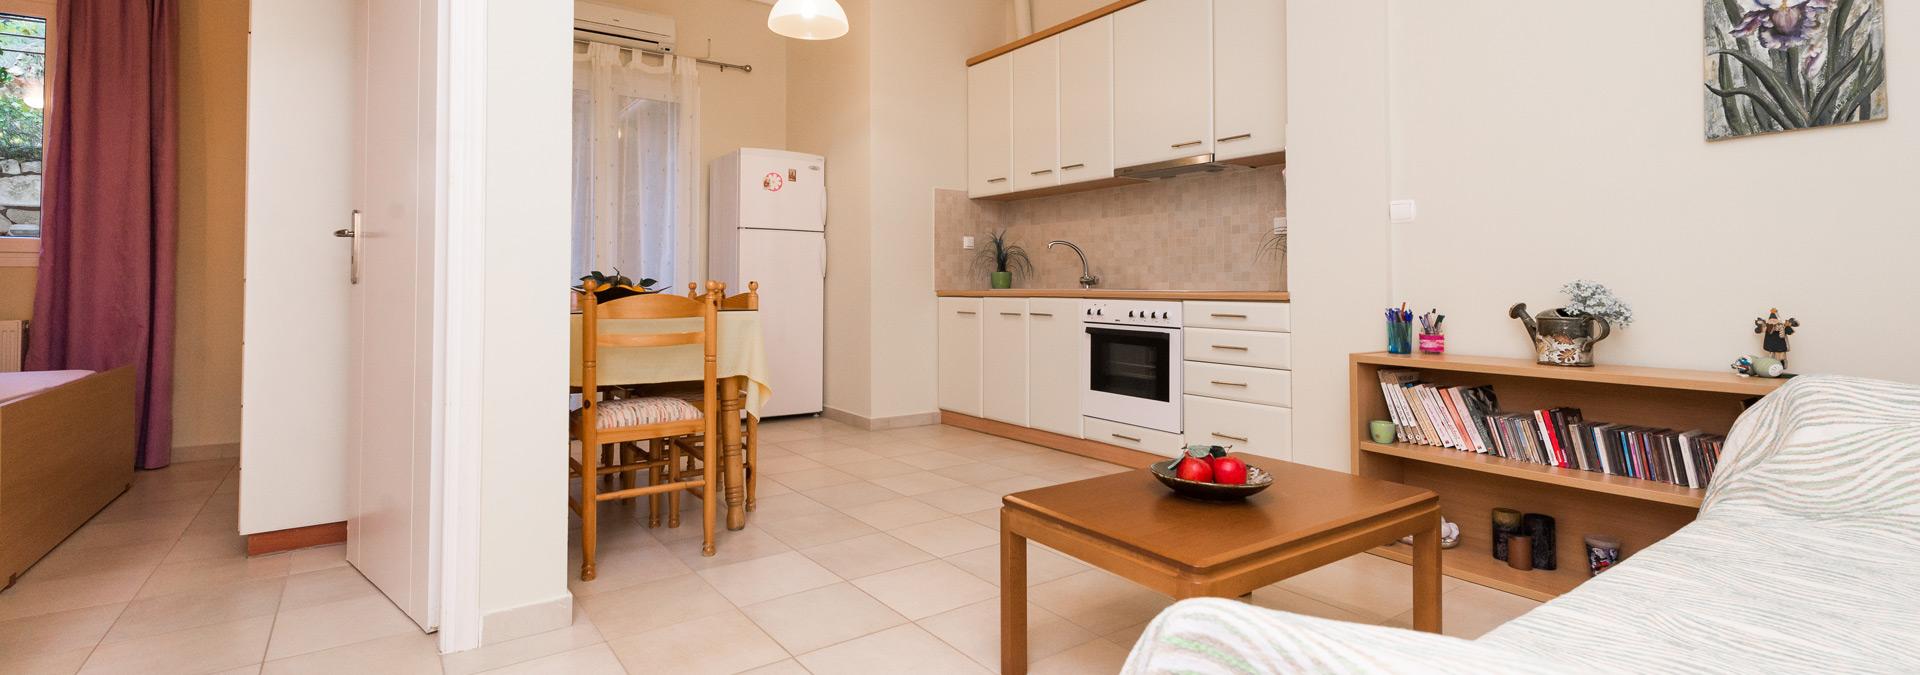 kefalonia_apartments_3_a2